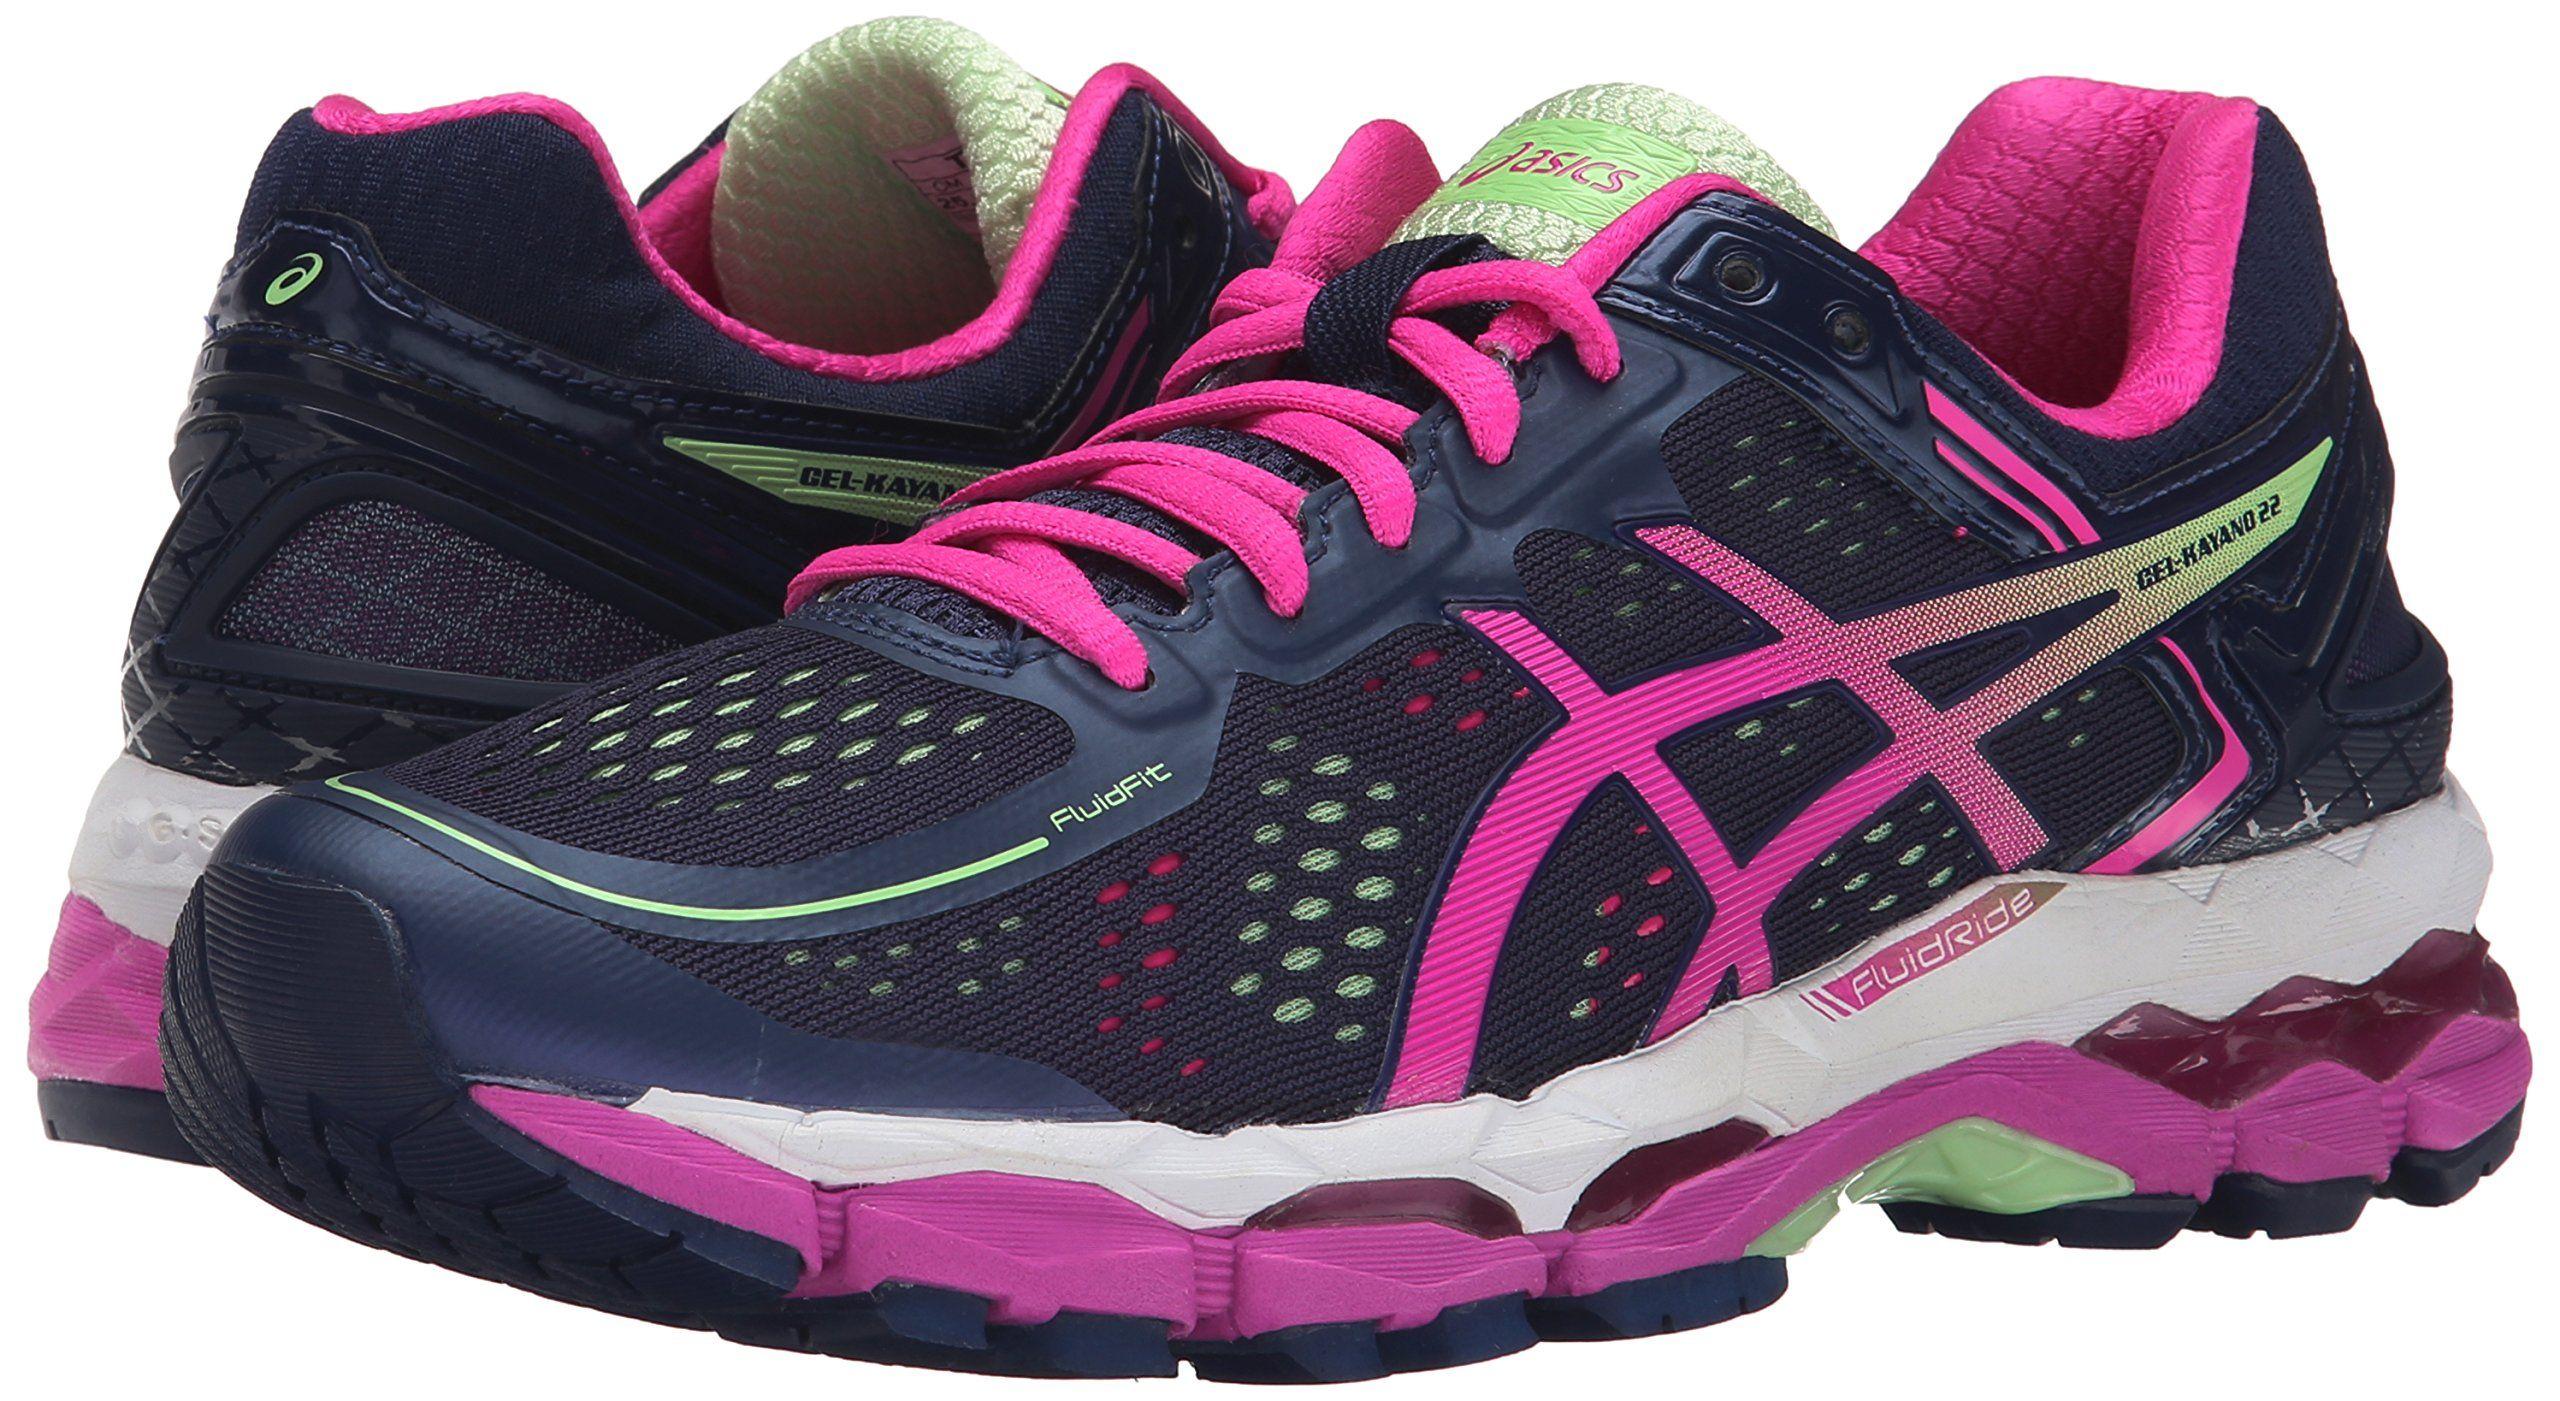 a3a51a2bb52e ASICS Women s Gel Kayano 22 Running Shoe